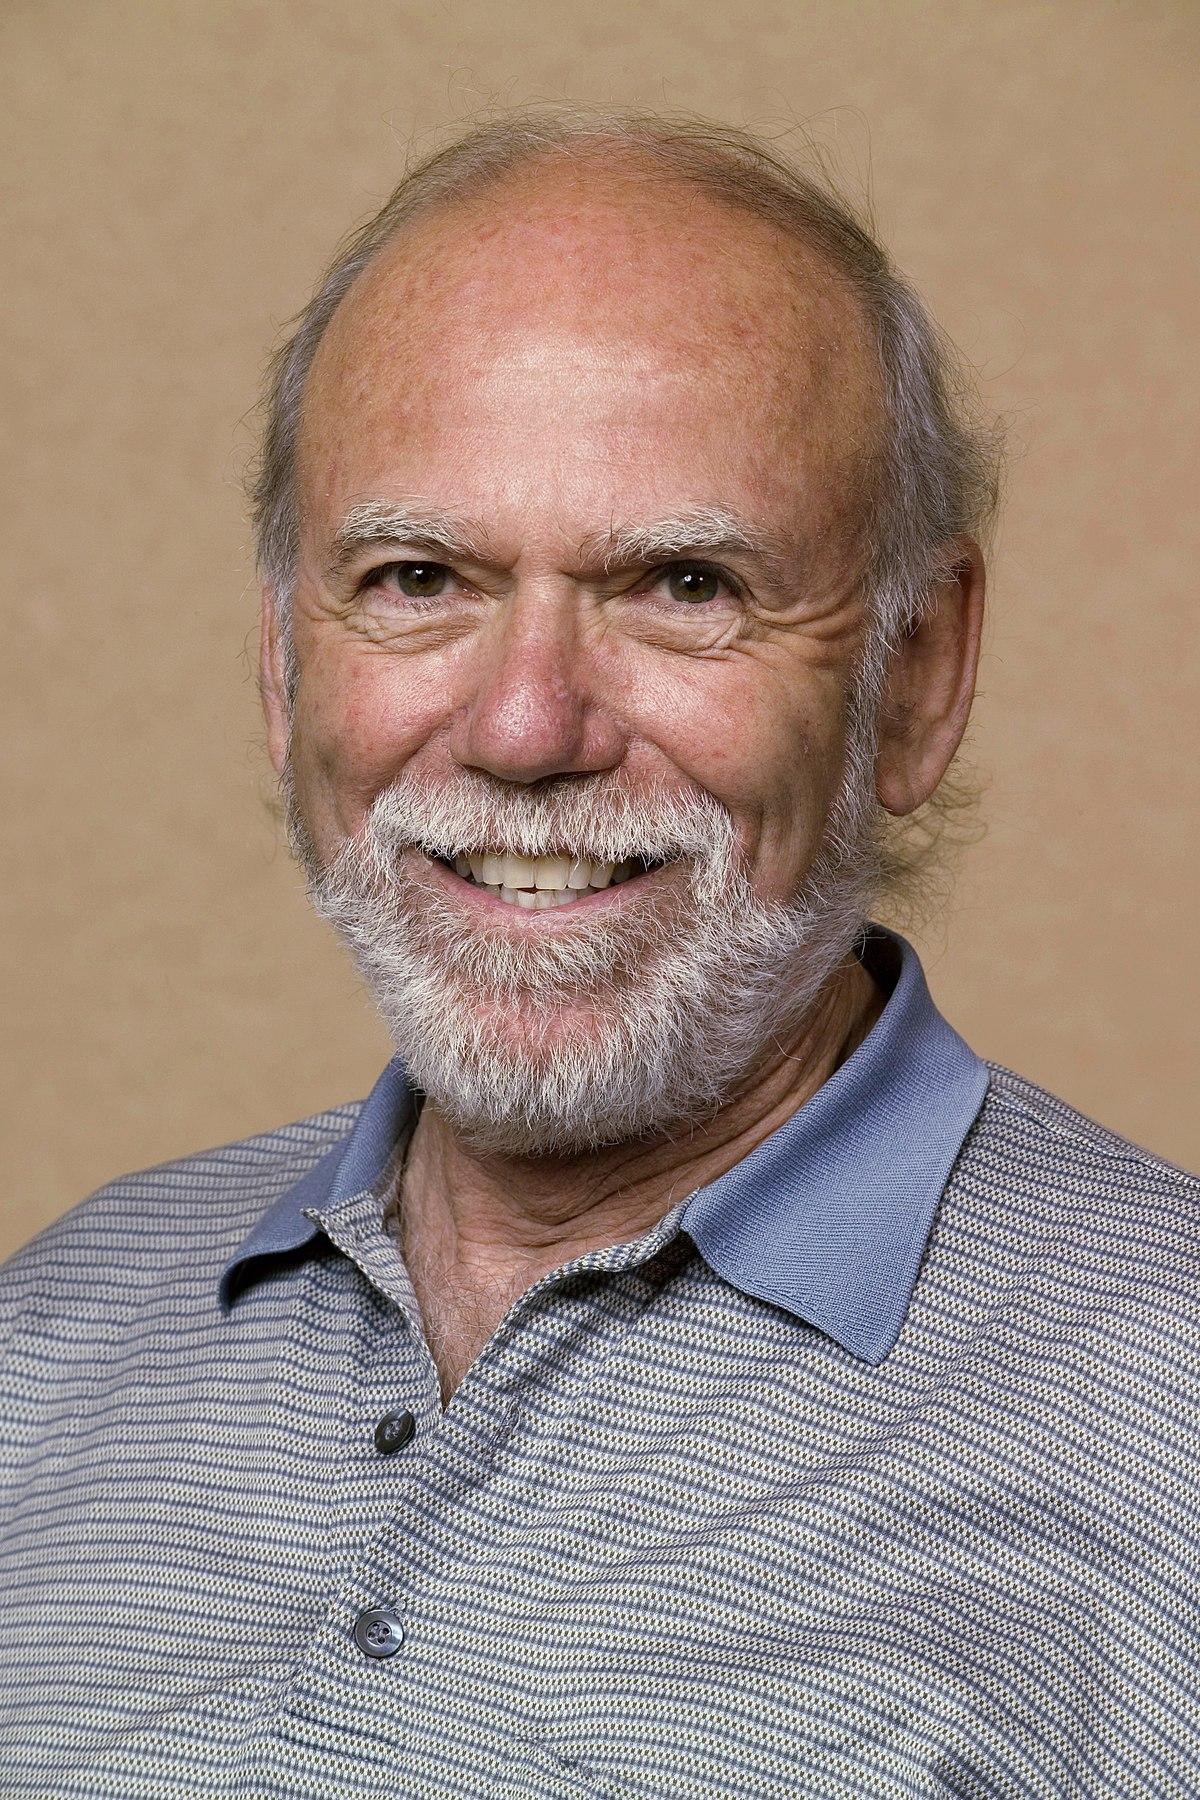 باري باريش ويكيبيديا